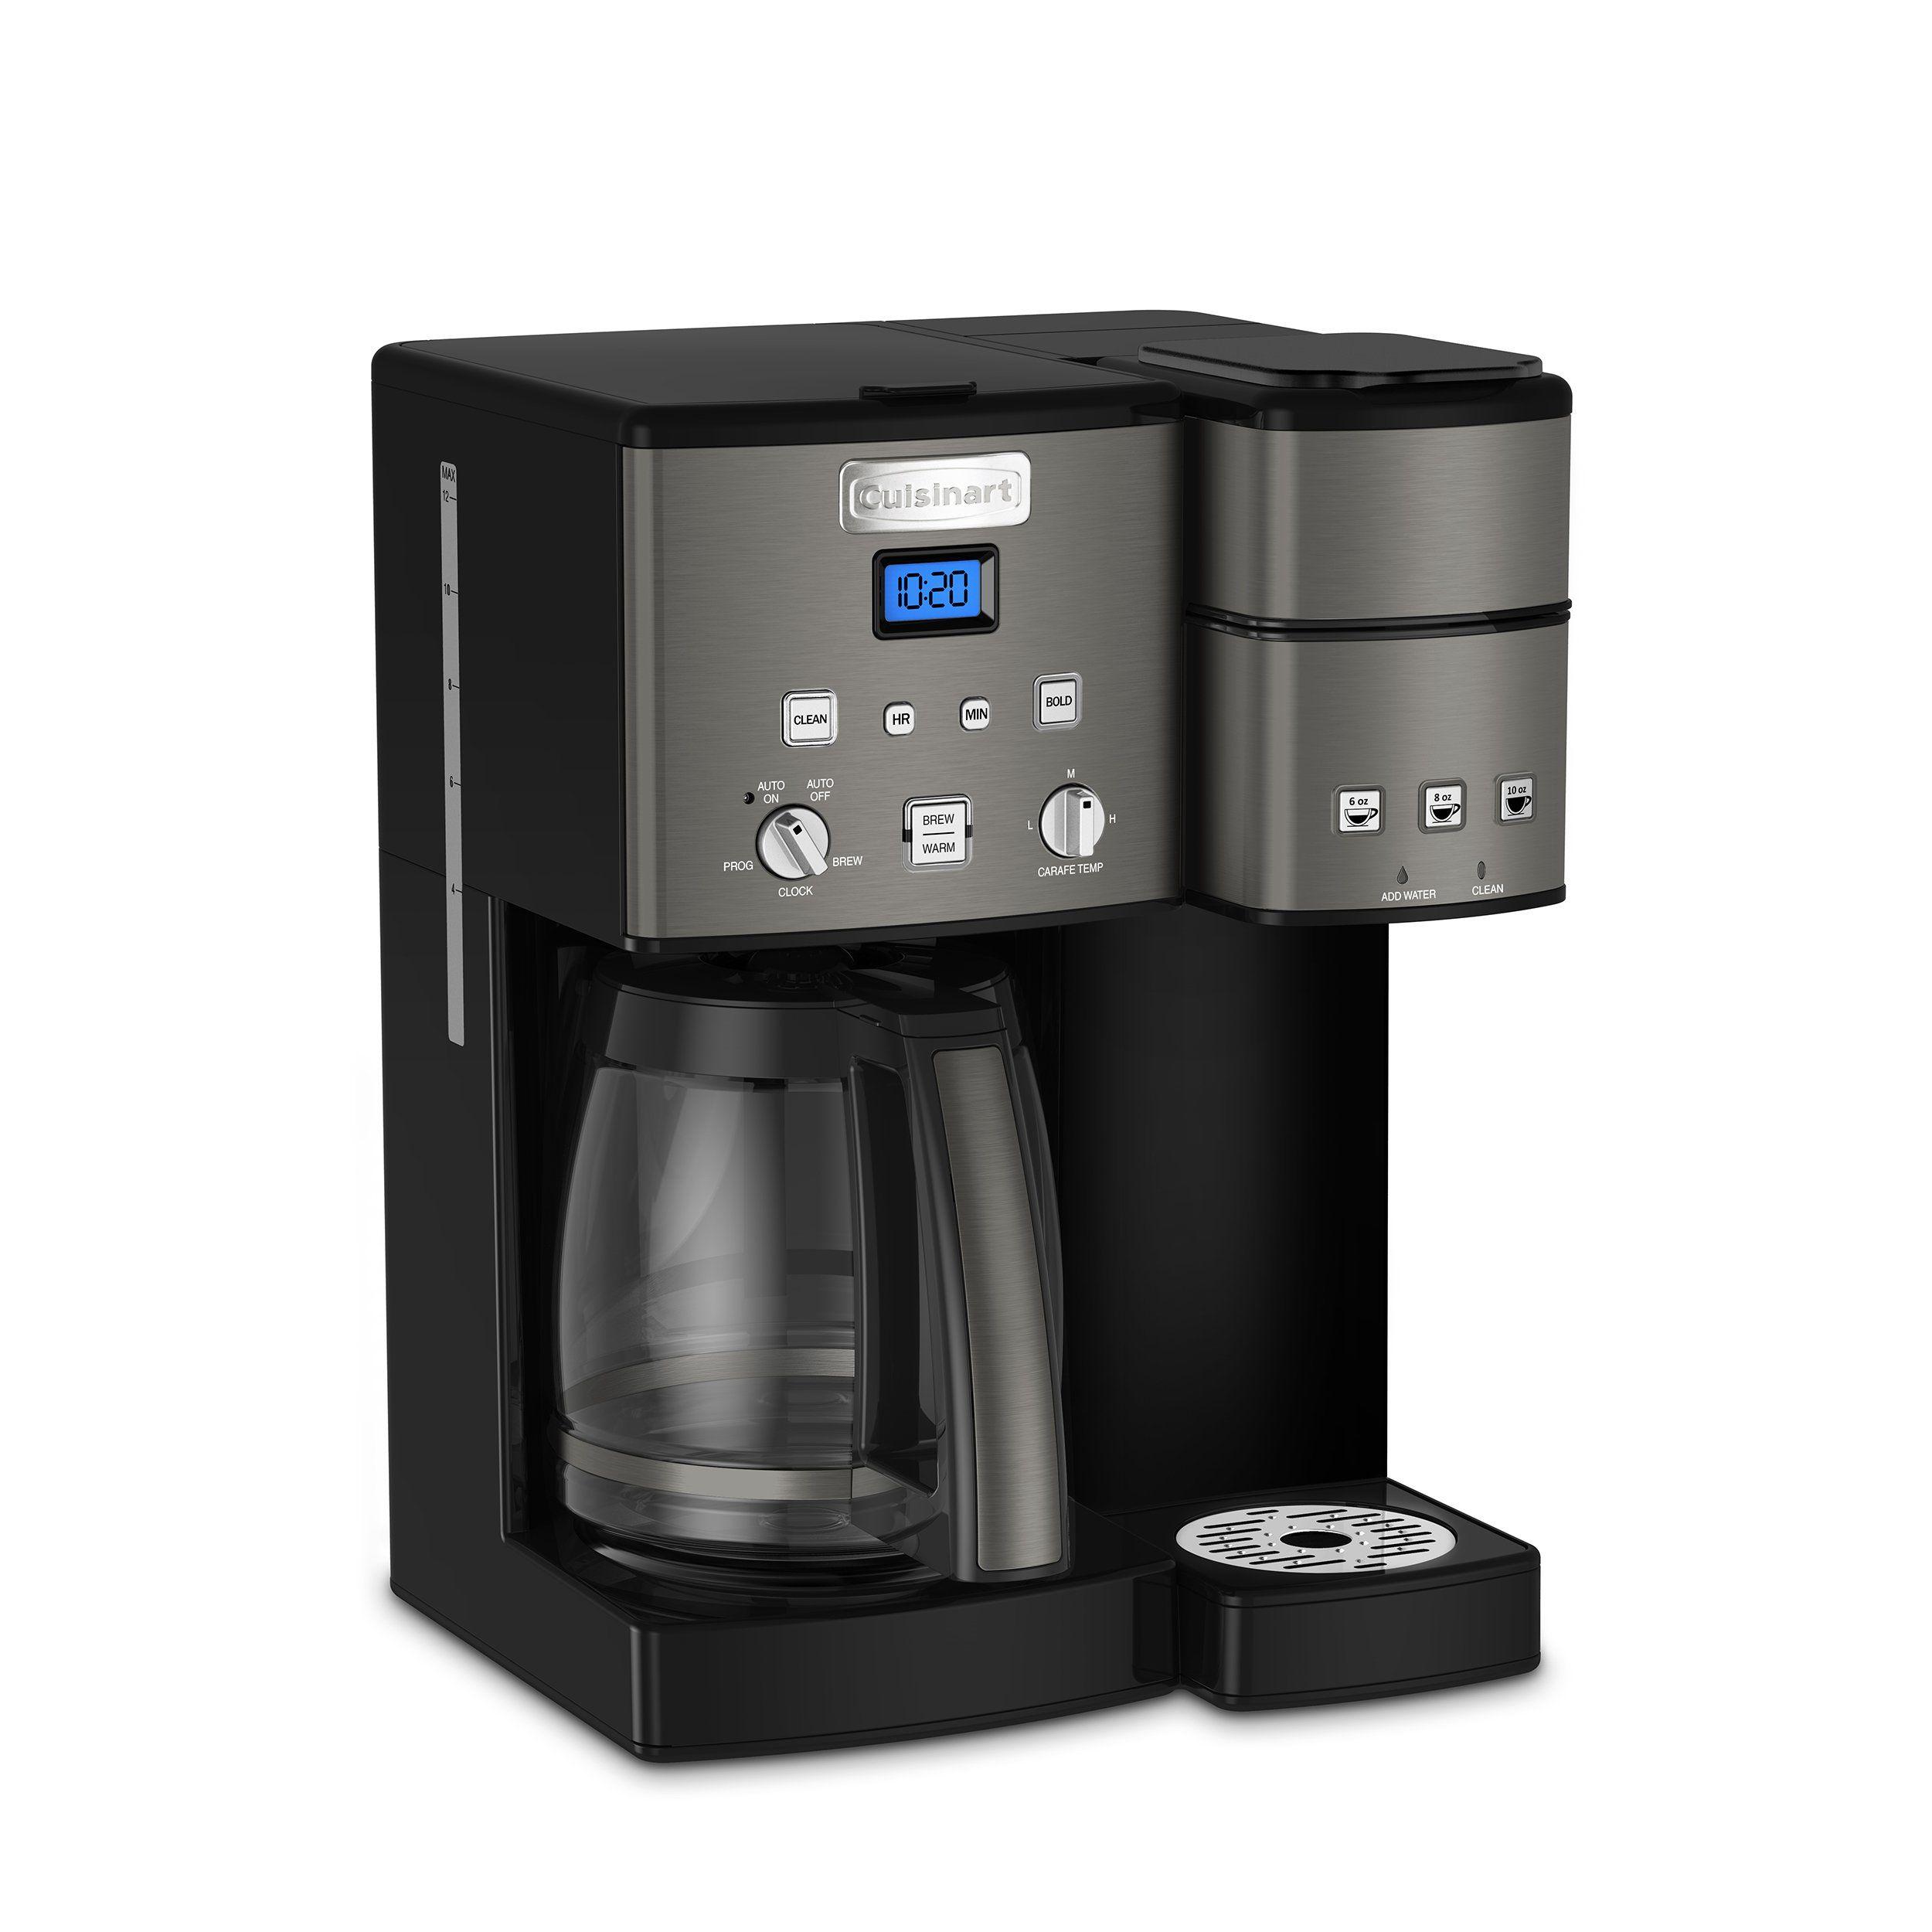 Cuisinart SS15BKS Coffee Center Maker Black Stainless * Be